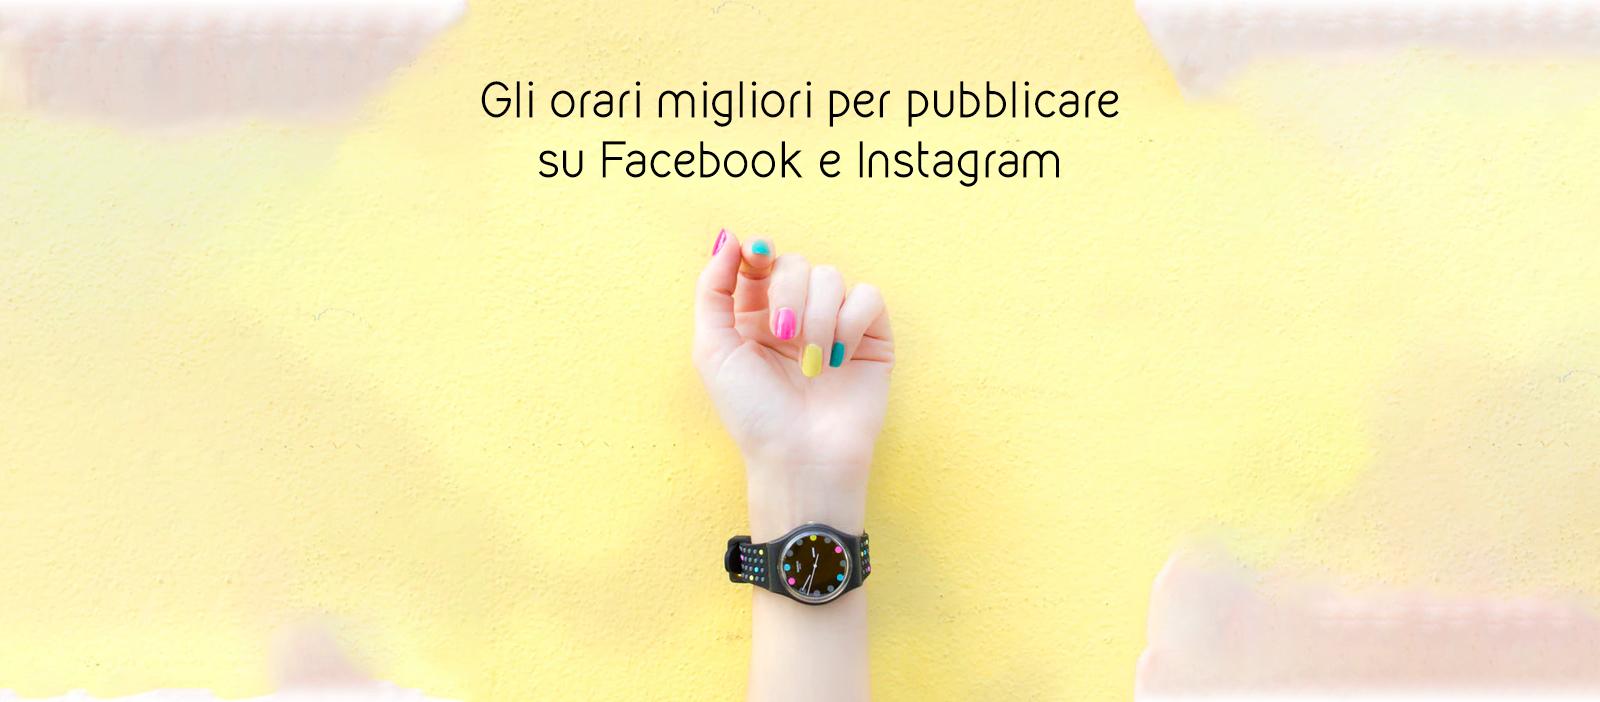 Quando pubblicare su facebook e instagram: ecco gli orari migliori